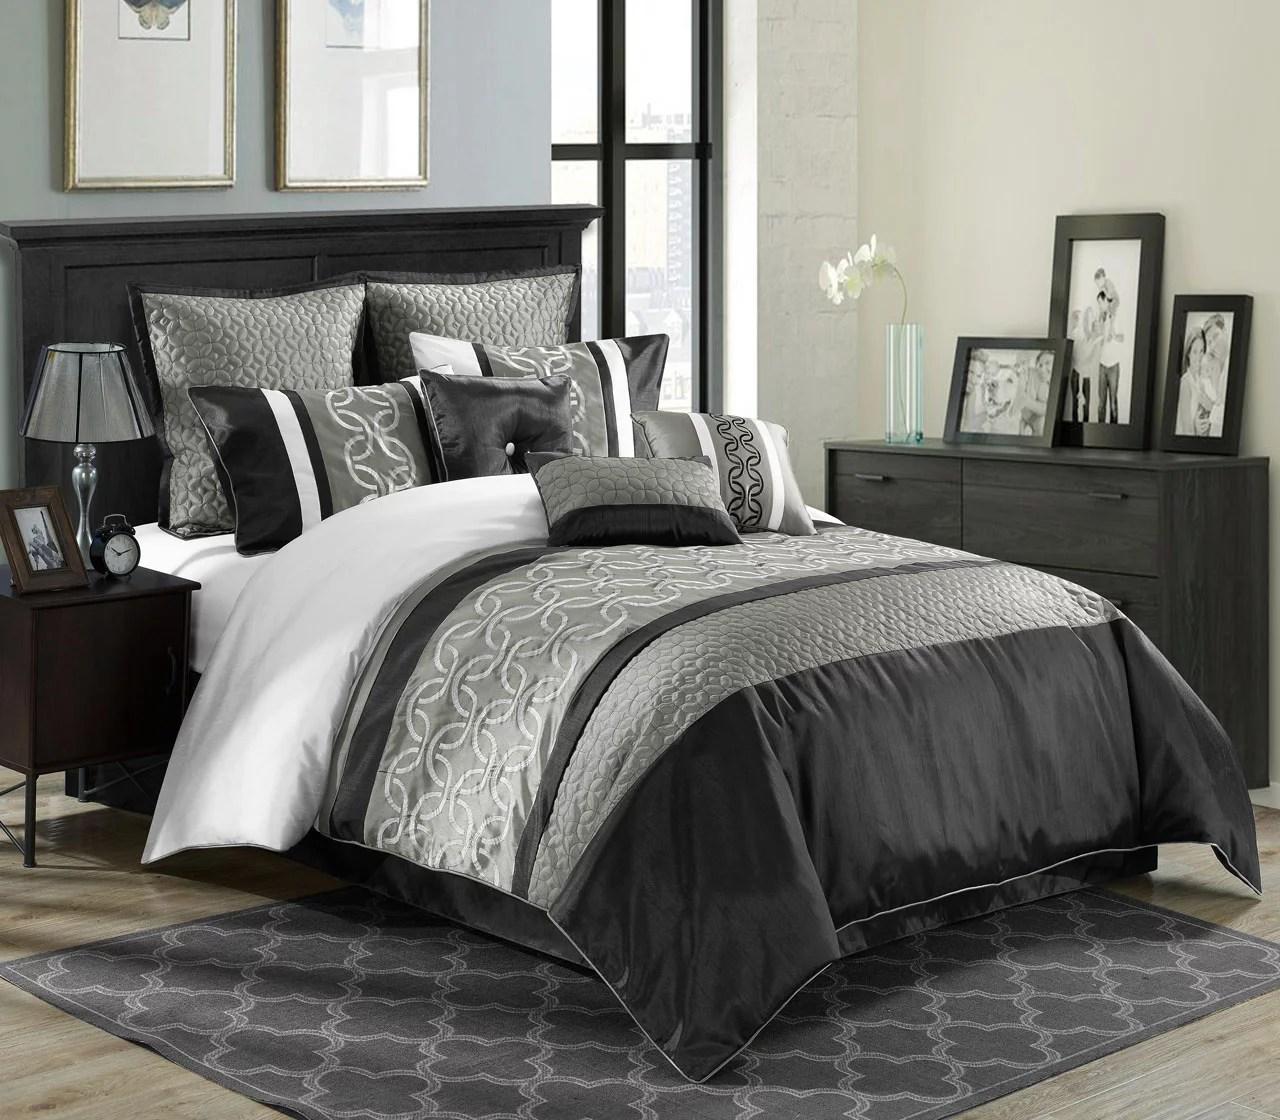 9 Piece Bordeaux Black Gray White Comforter Set Walmart Com